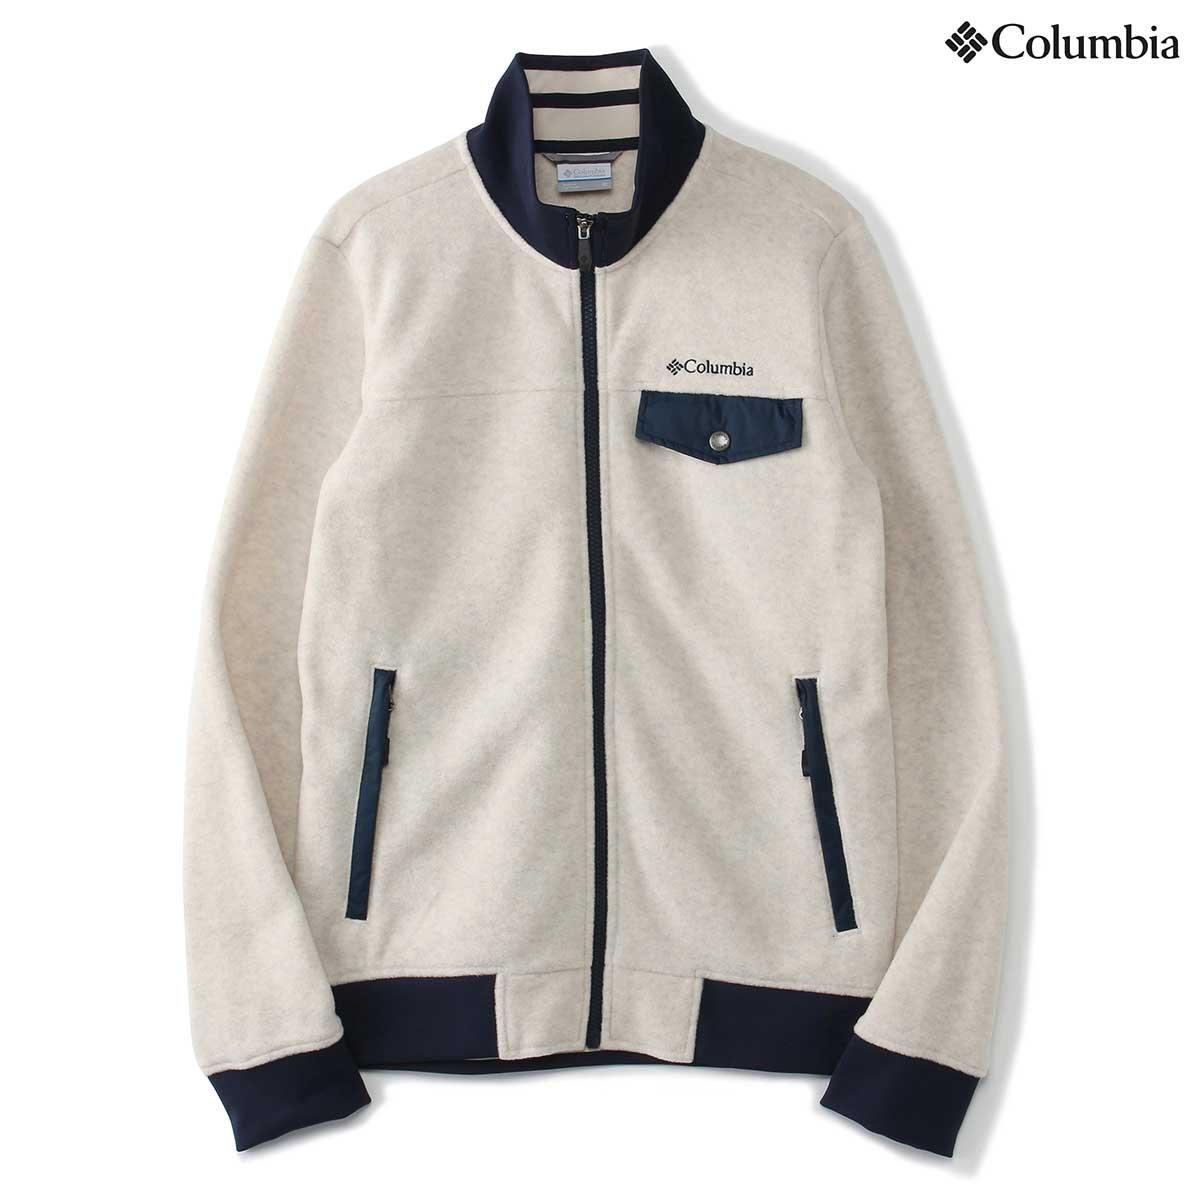 コロンビア チェスターポイントフルジップジャケット